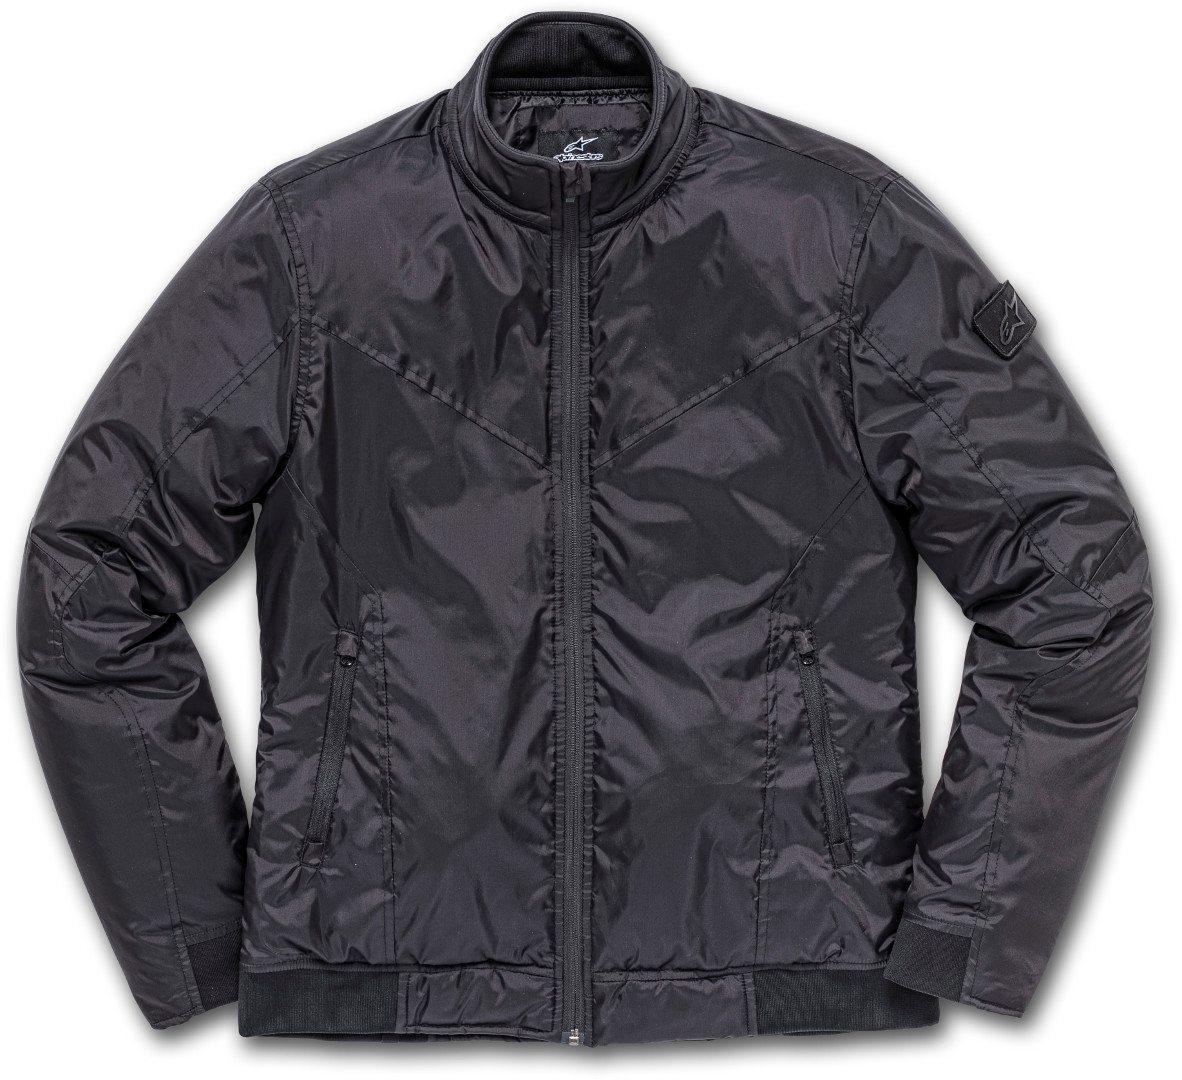 Alpinestars Tempo Jacke, schwarz, Größe S, schwarz, Größe S